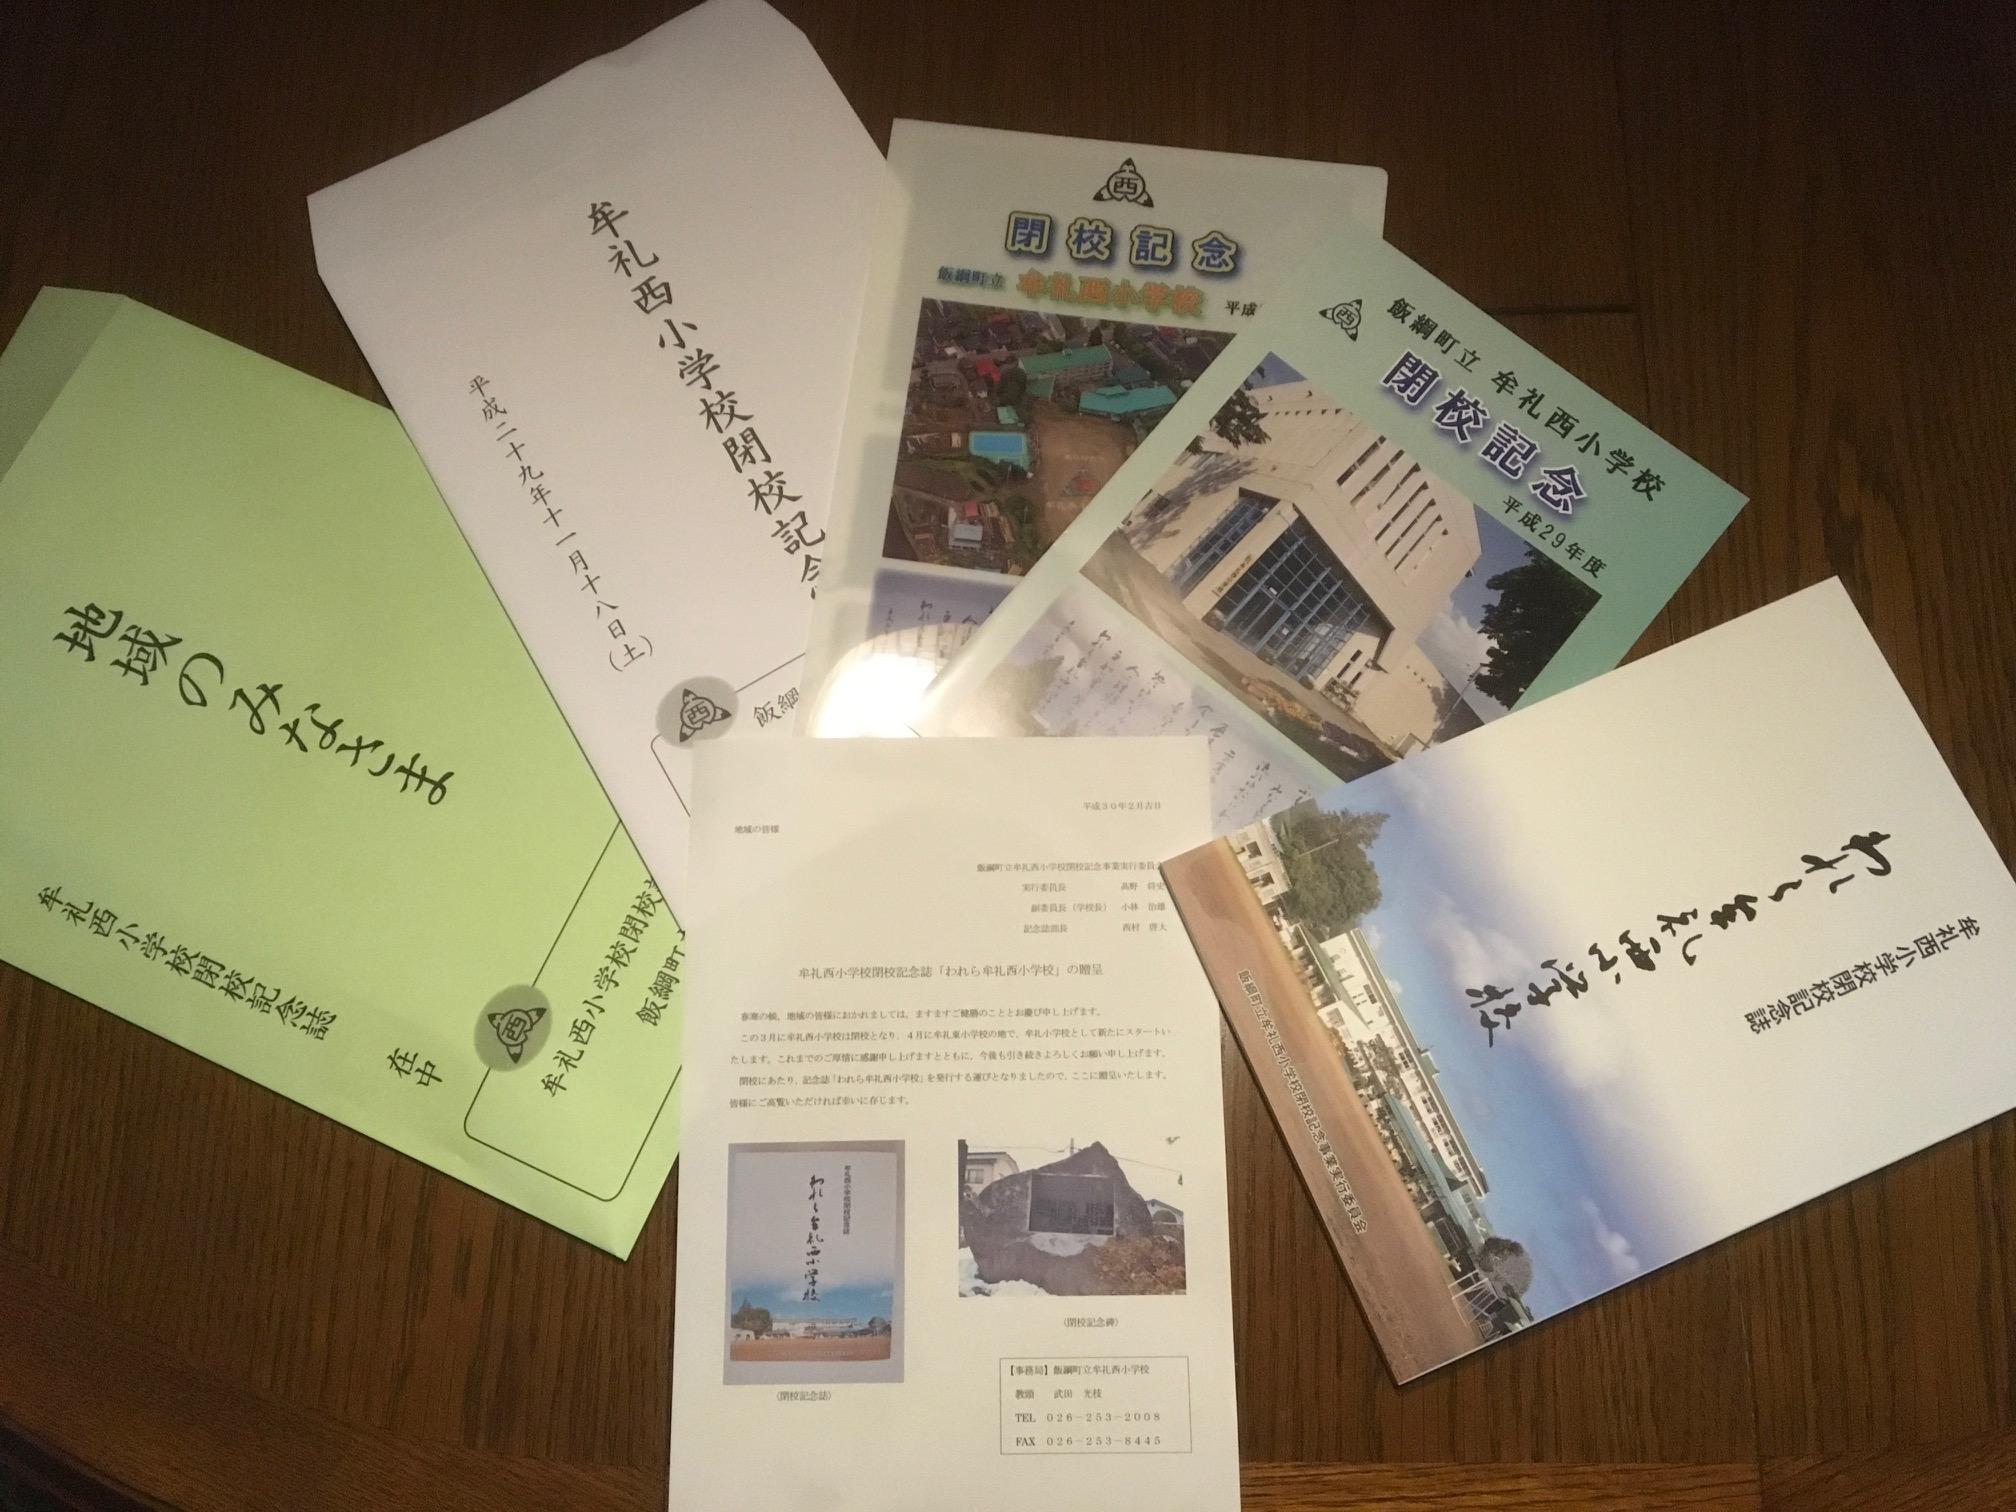 『われら牟礼西小学校』閉校記念誌